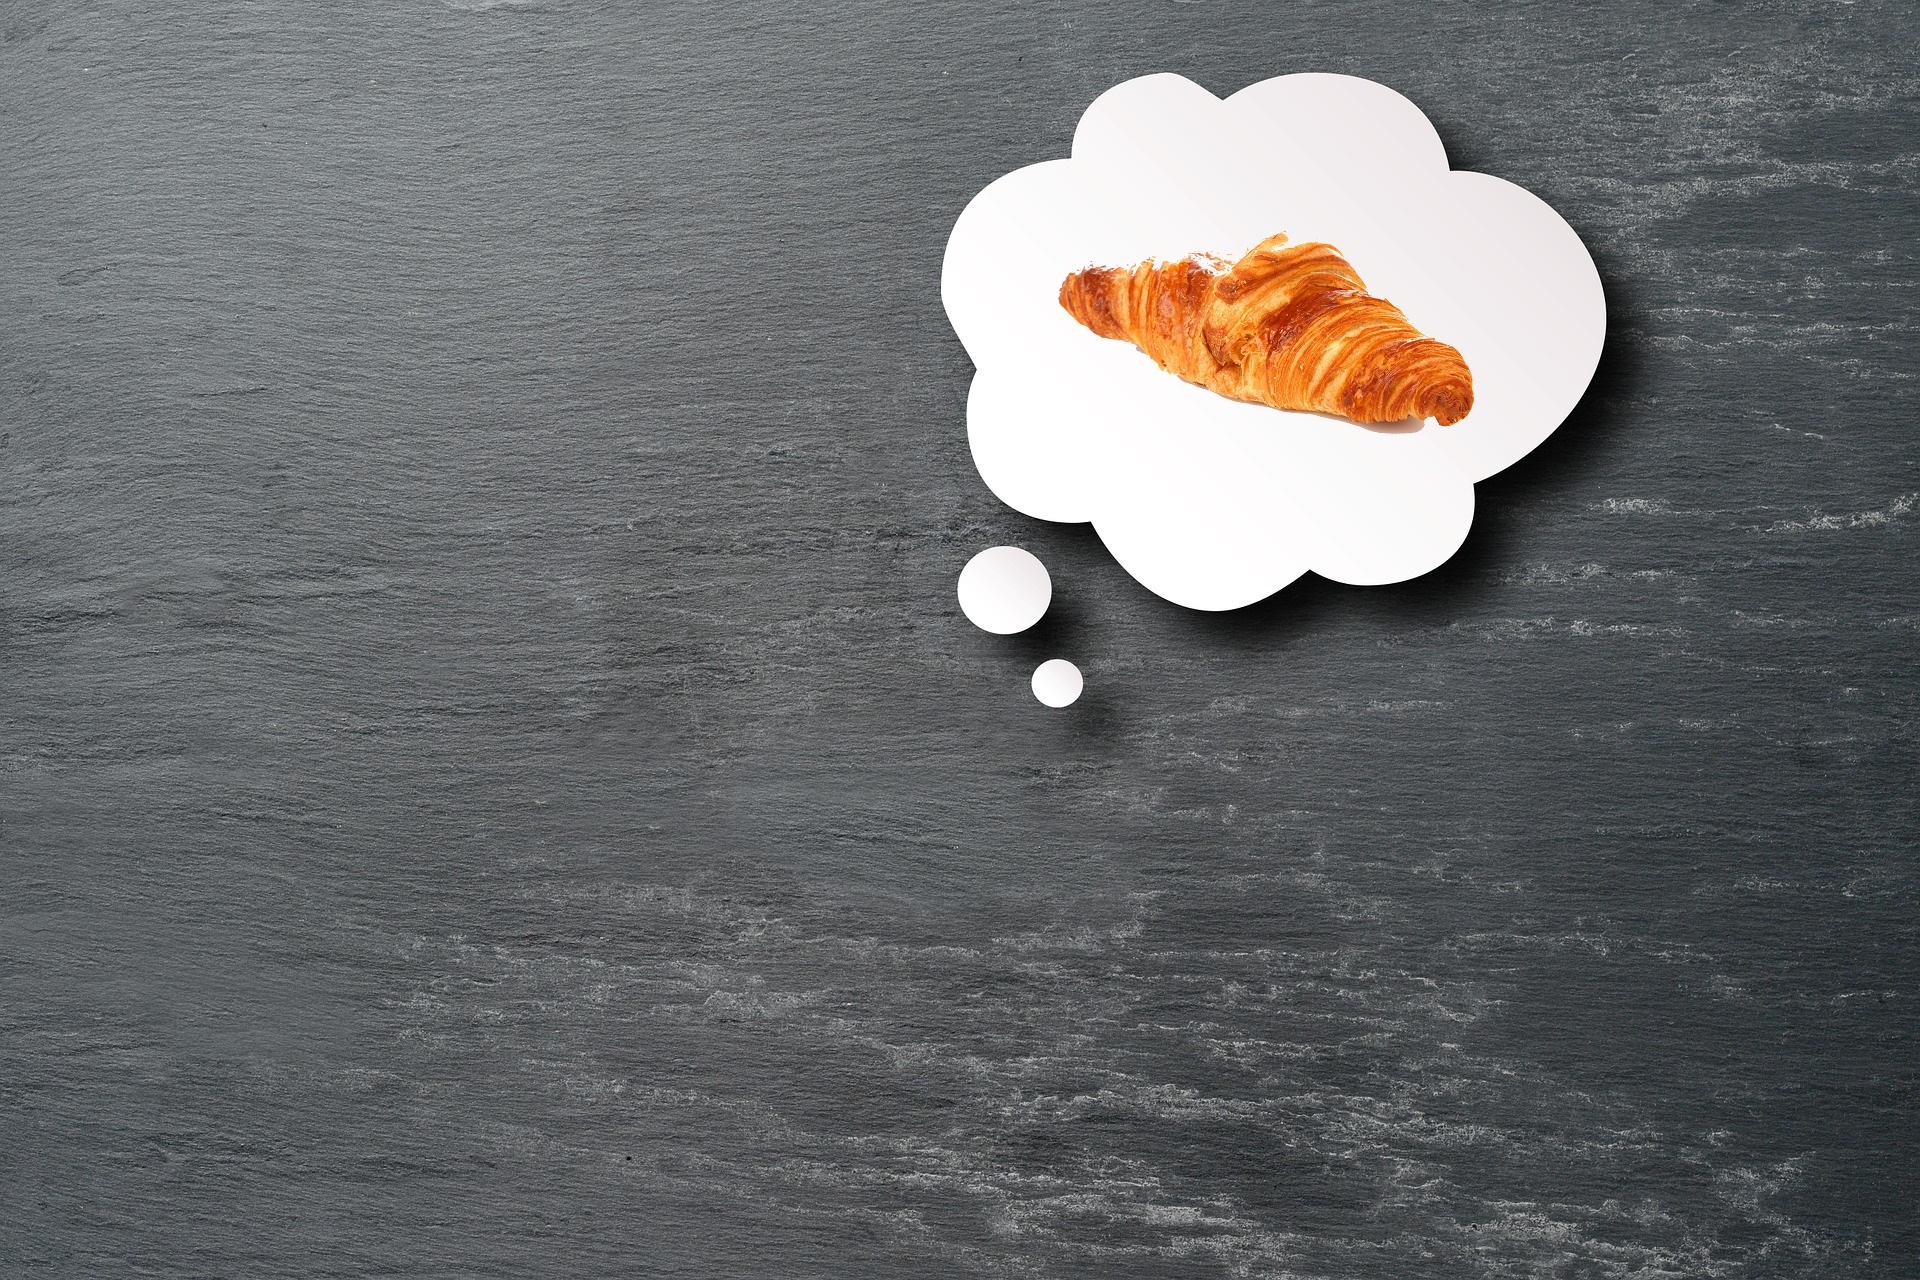 איך למנוע התקפי אכילה